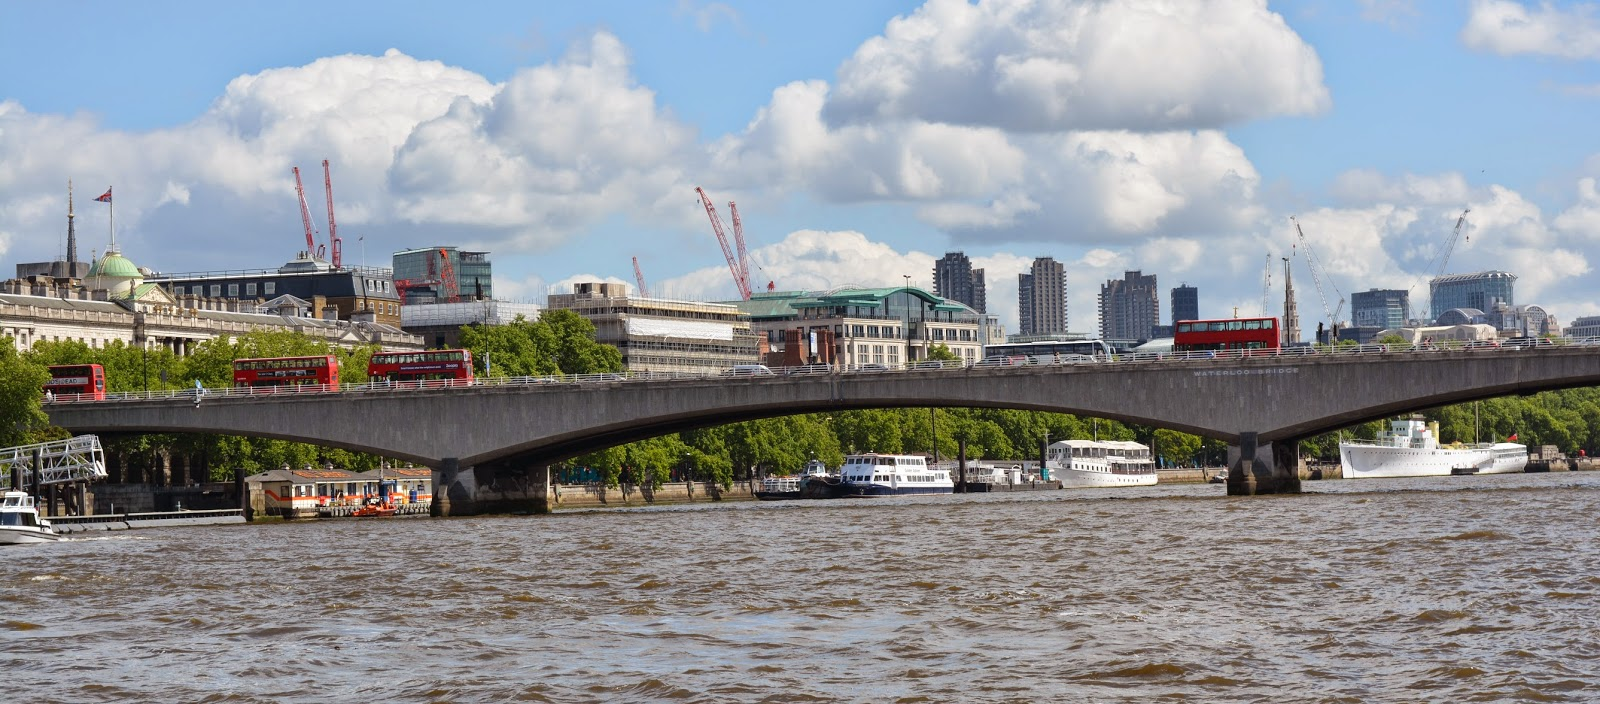 Passeio no Rio Tâmisa em Londres